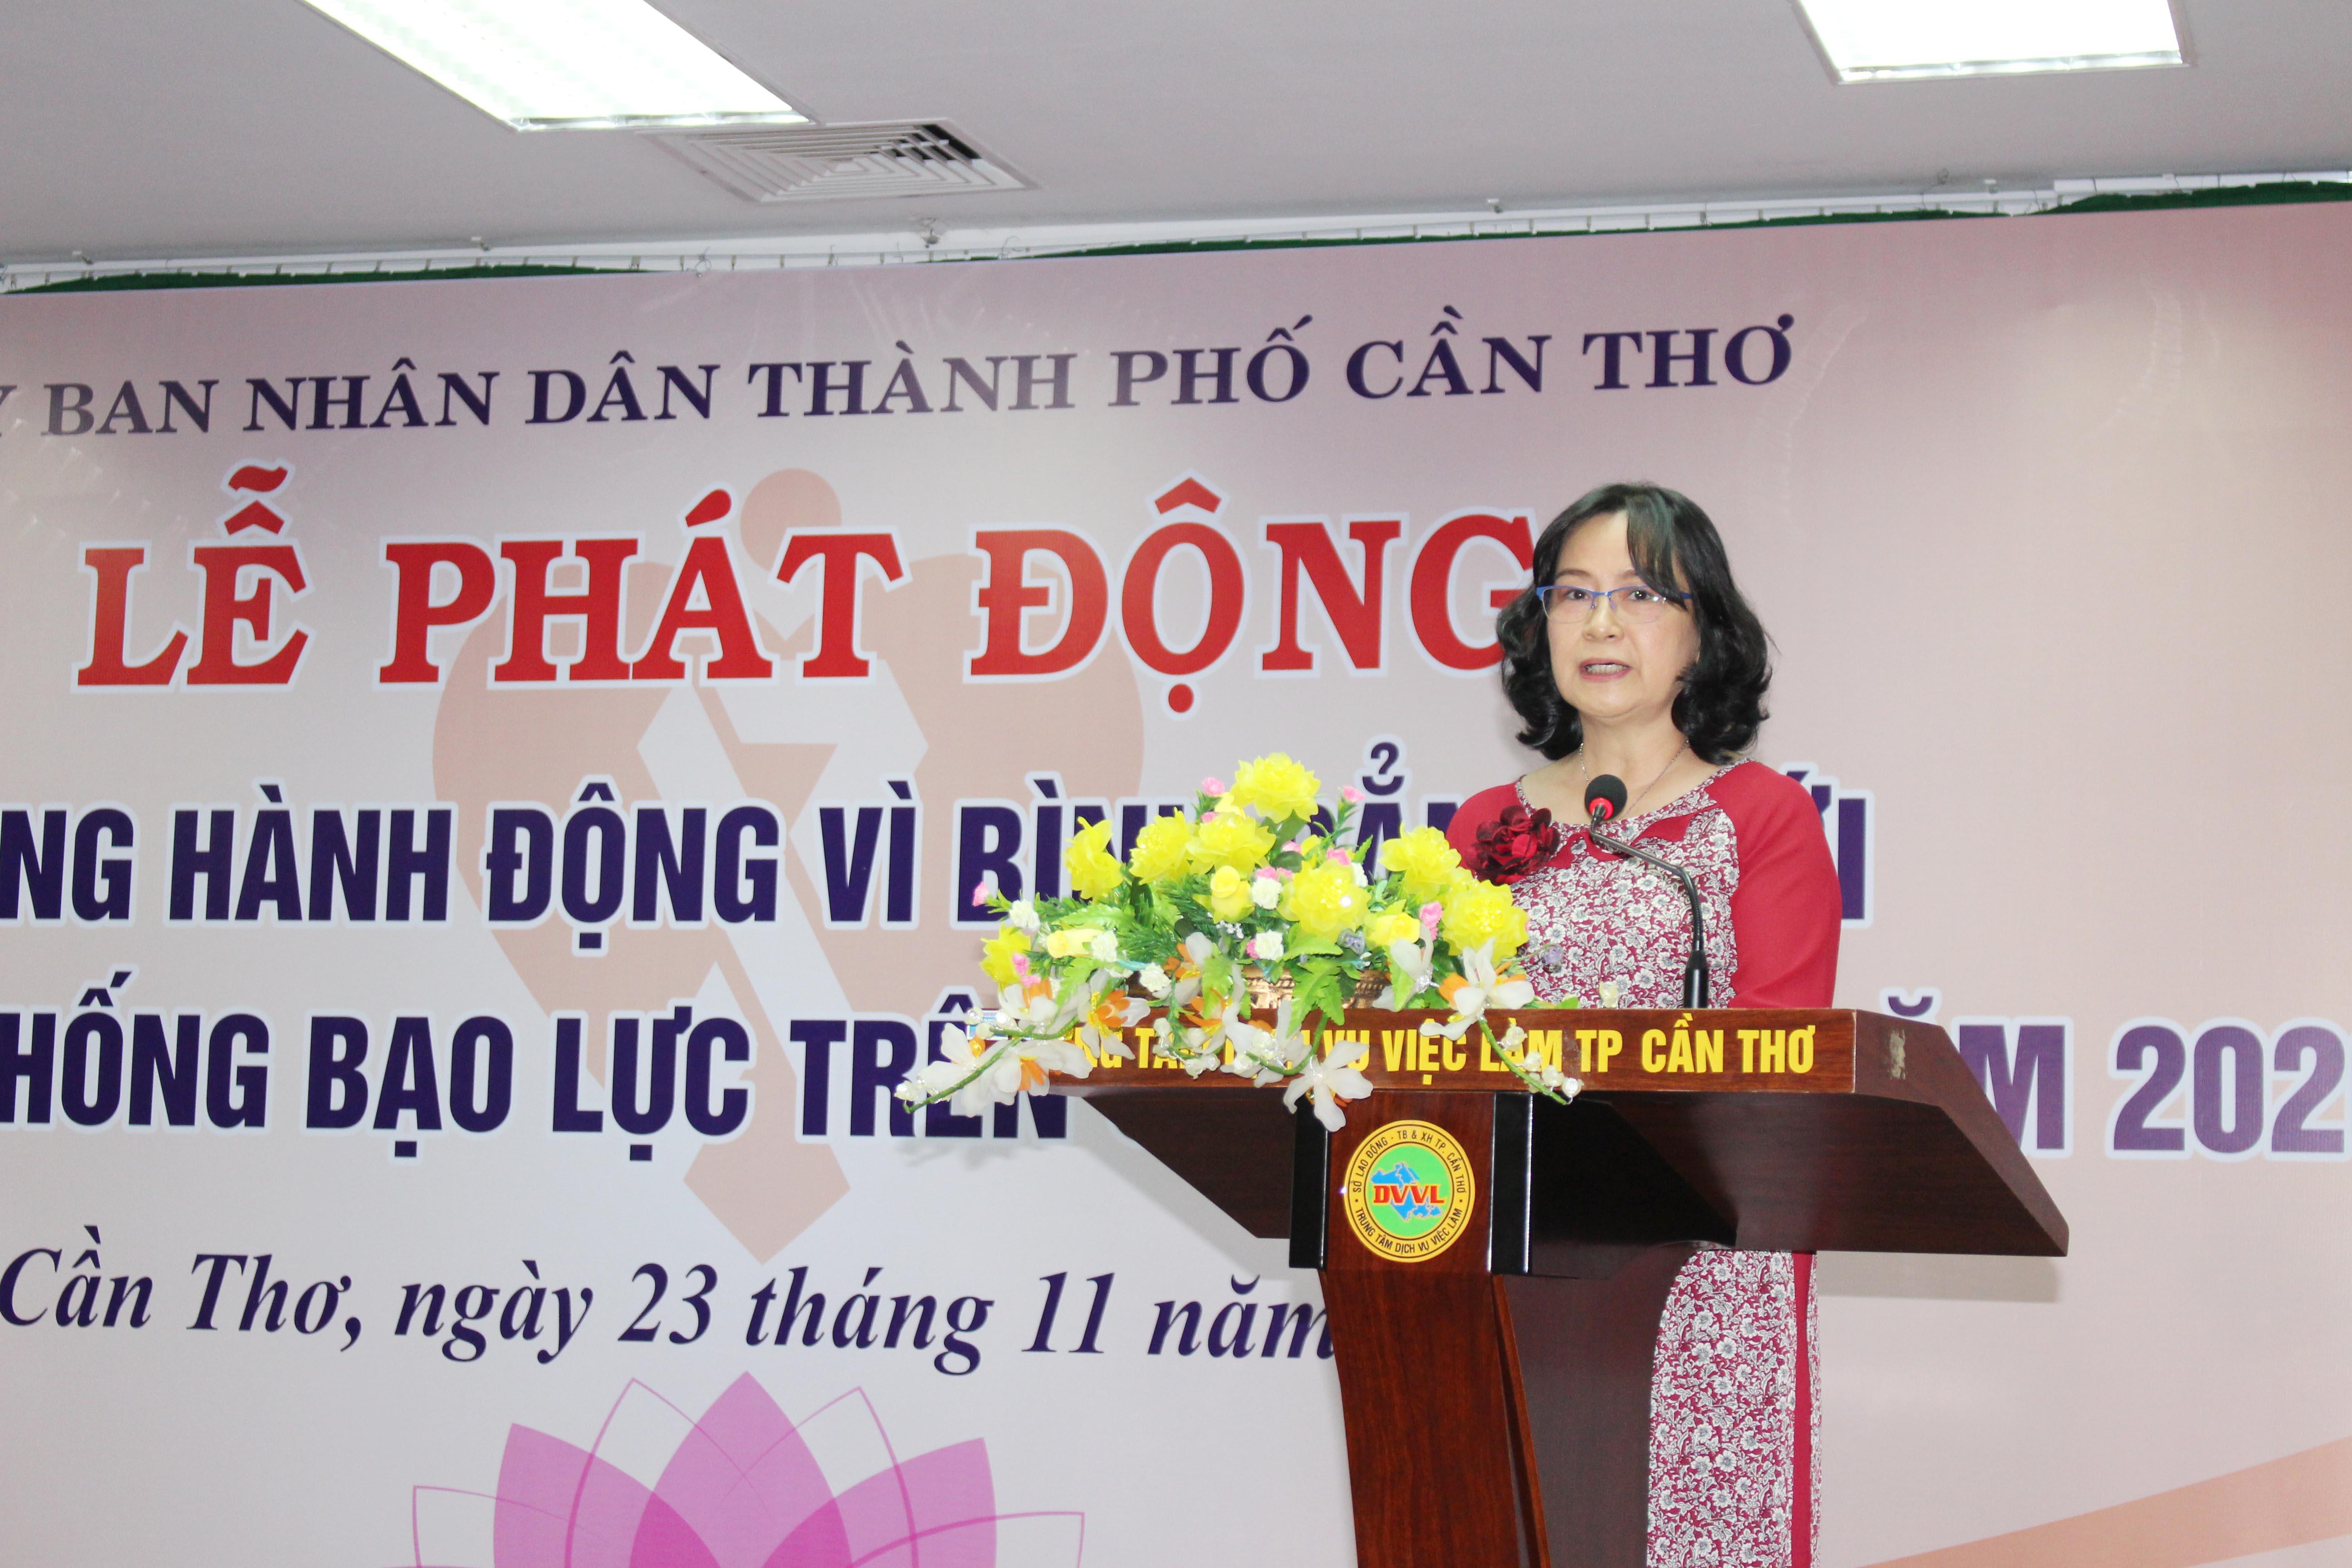 BàVõ Thị Hồng Ánh, Phó Chủ tịch UBND TP Cần Thơ phát biểu tại buổi phát động.